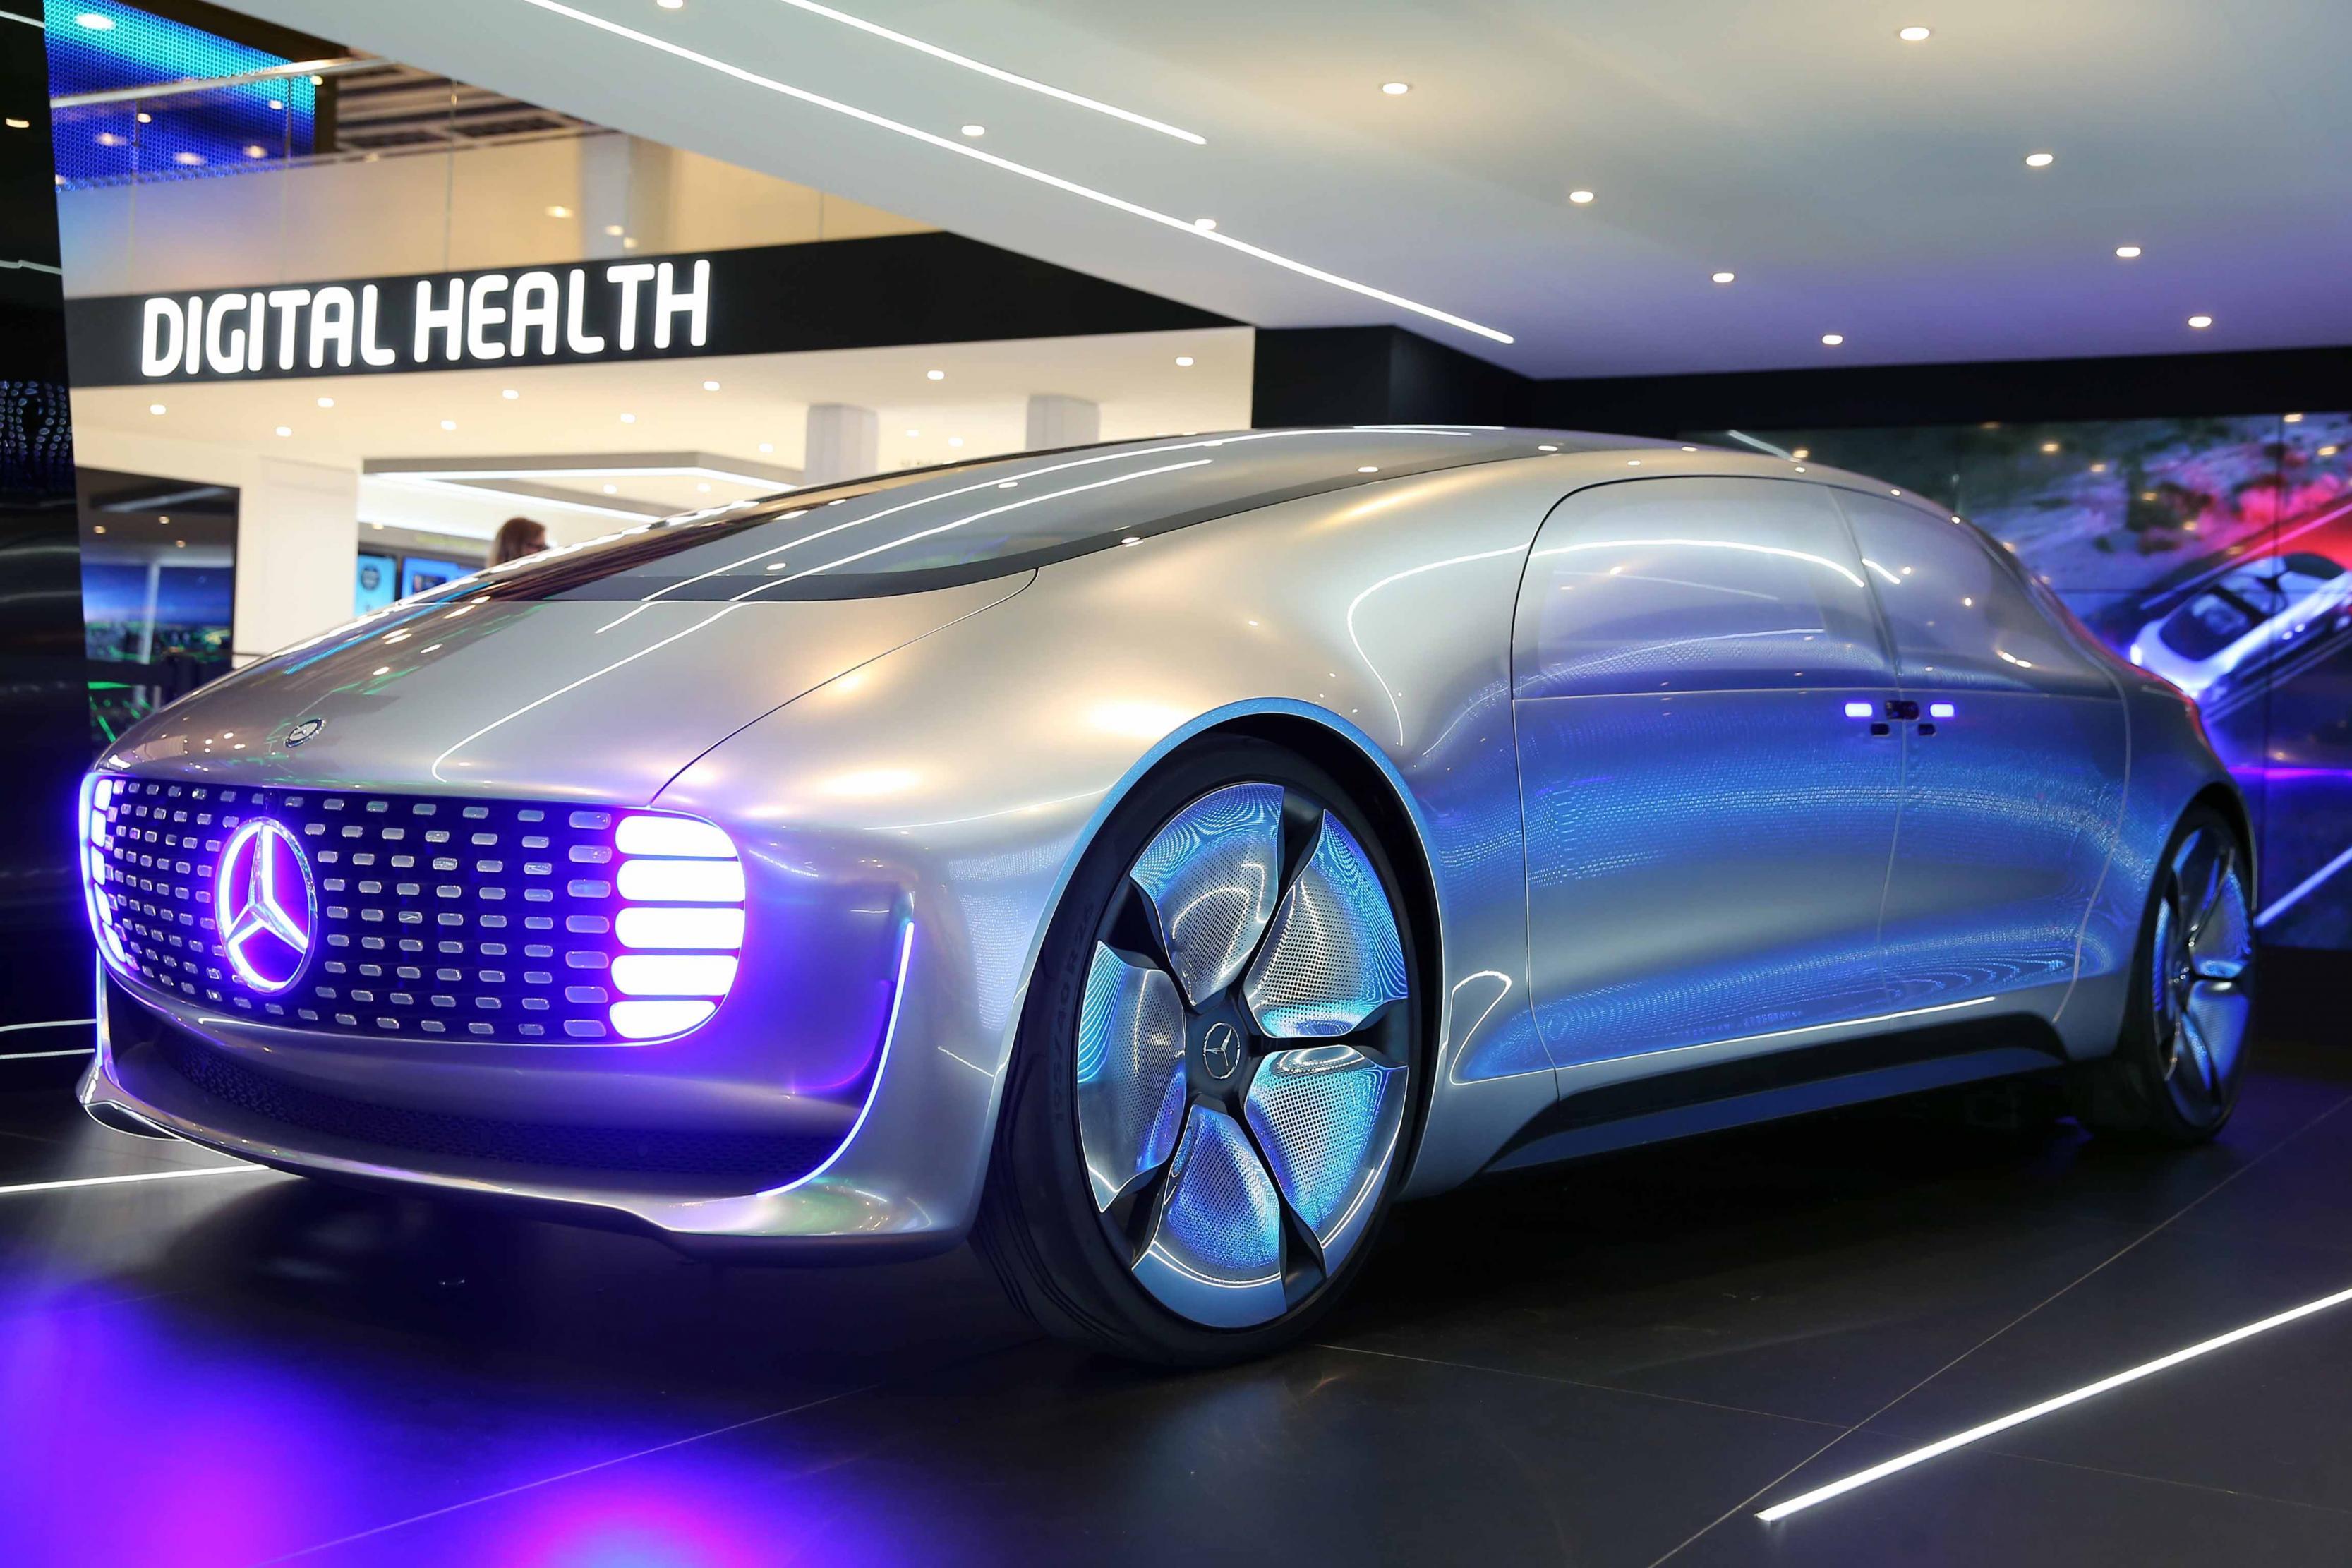 بالصور احدث صور سيارات , التكنولوجيا والتغير في عالم السيارات 2041 5